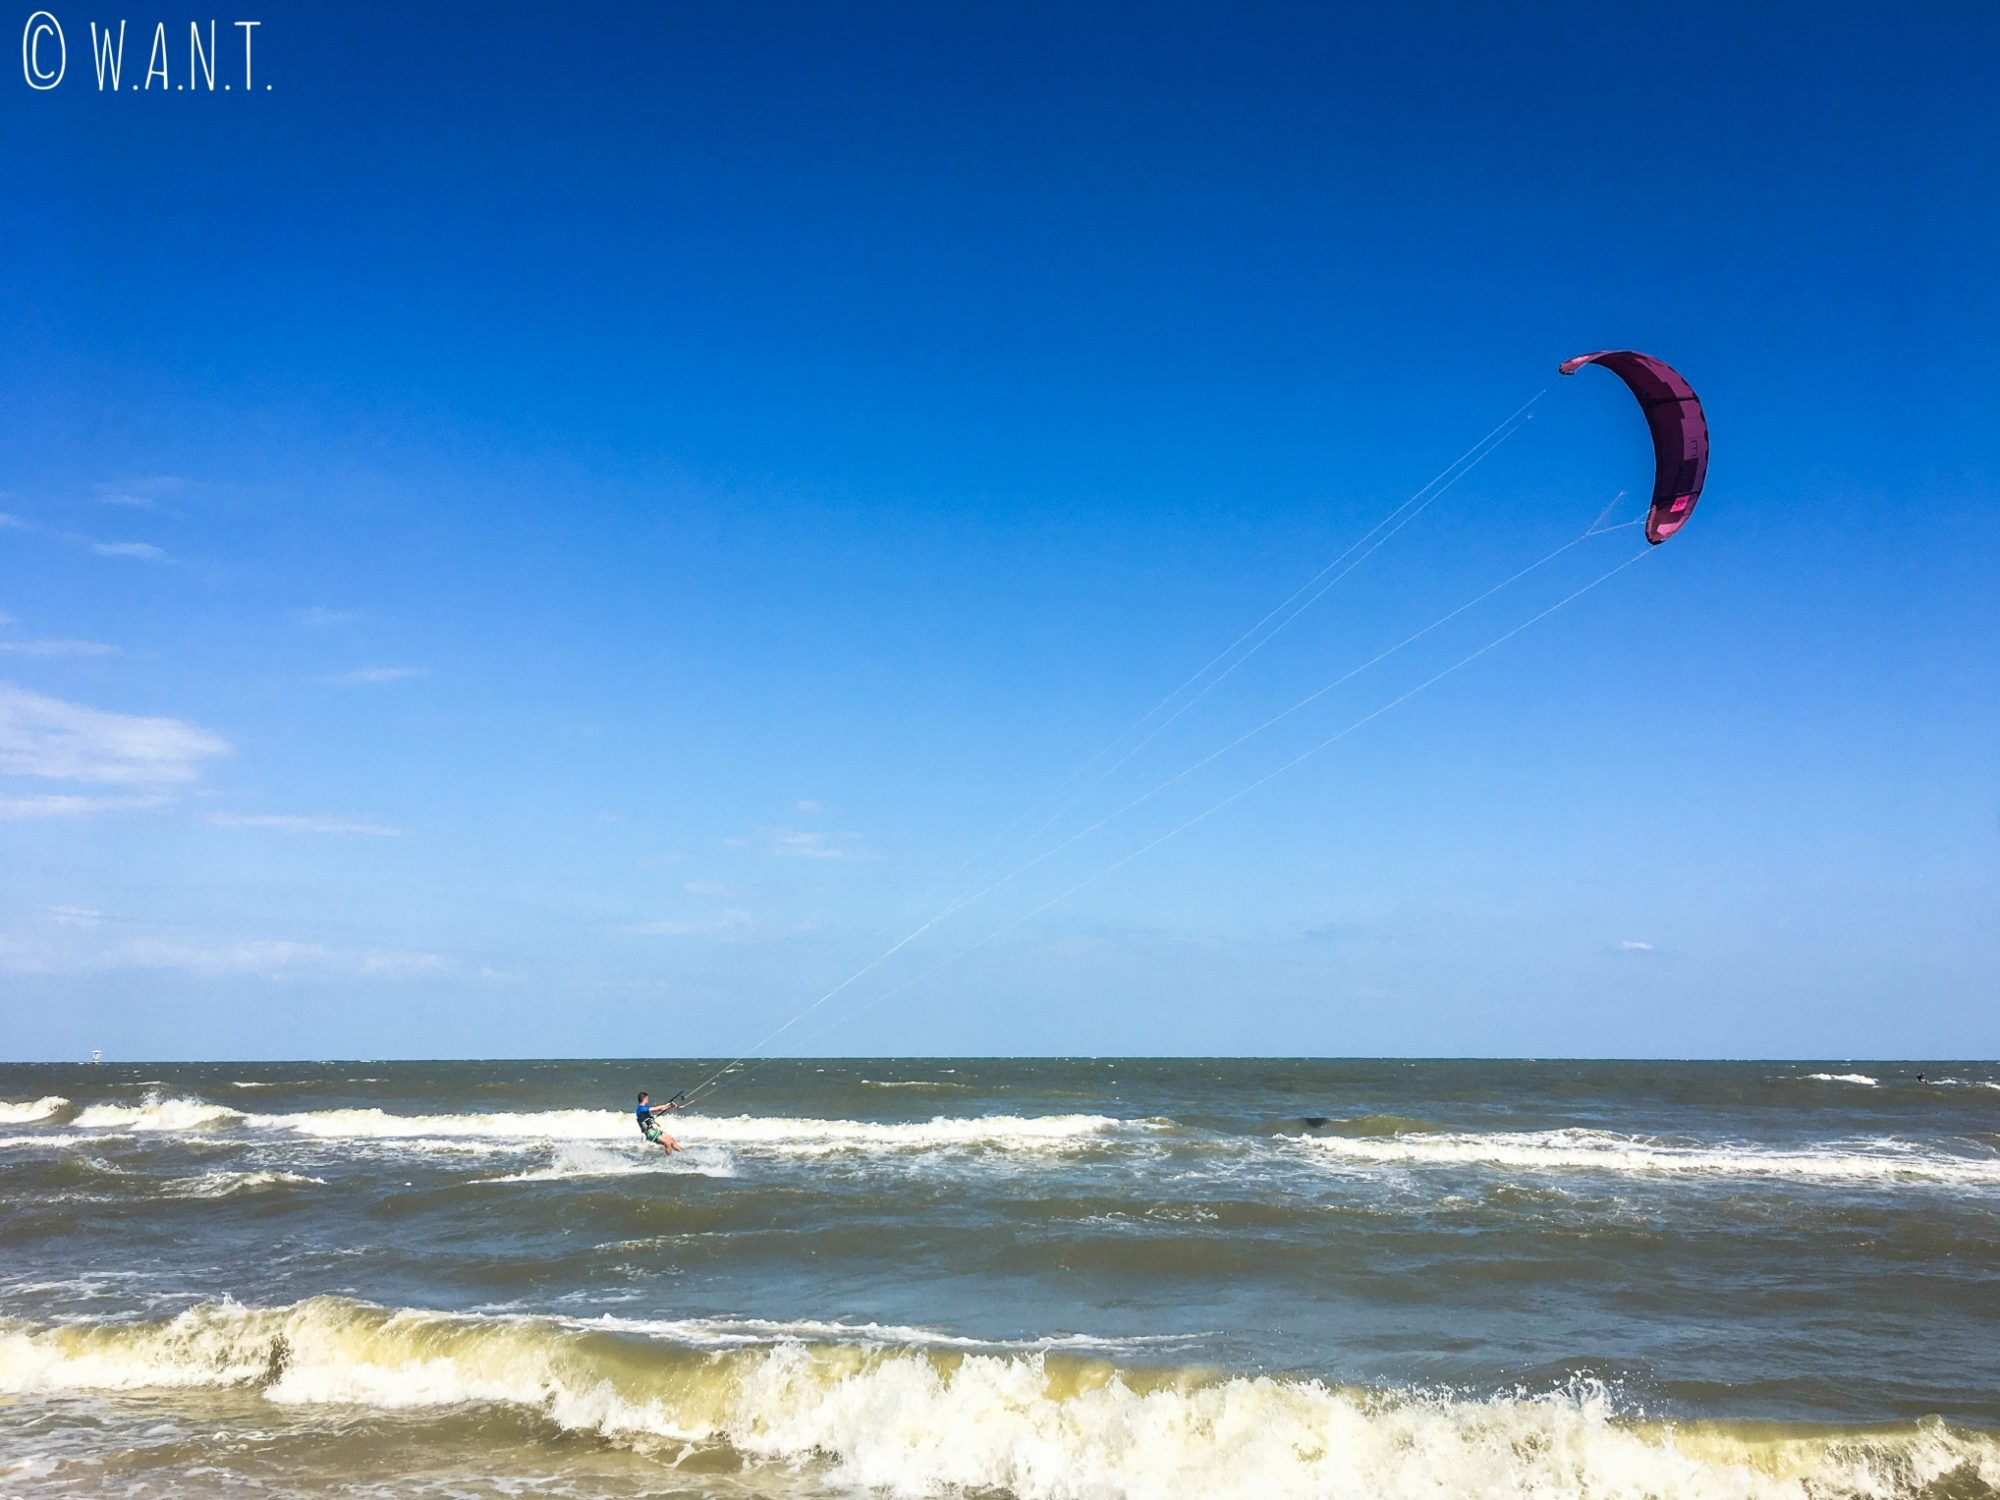 Le vent sur la plage de Hua Hin est propice au kitesurf